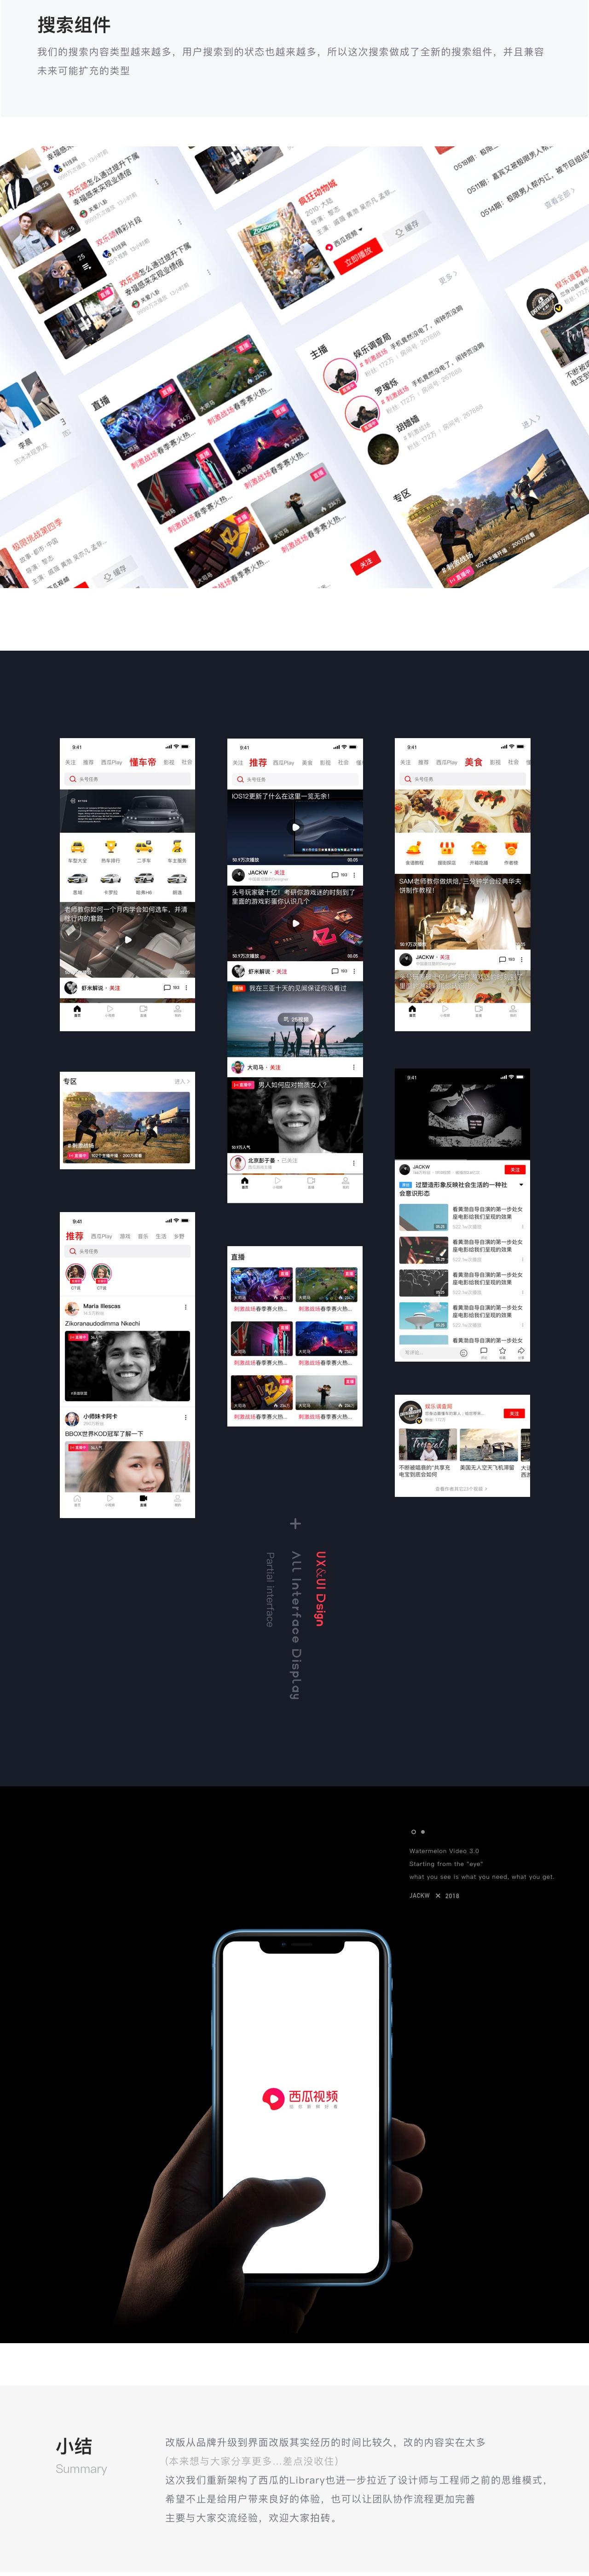 实战案例!上亿人在用的西瓜视频是如何做改版设计的?